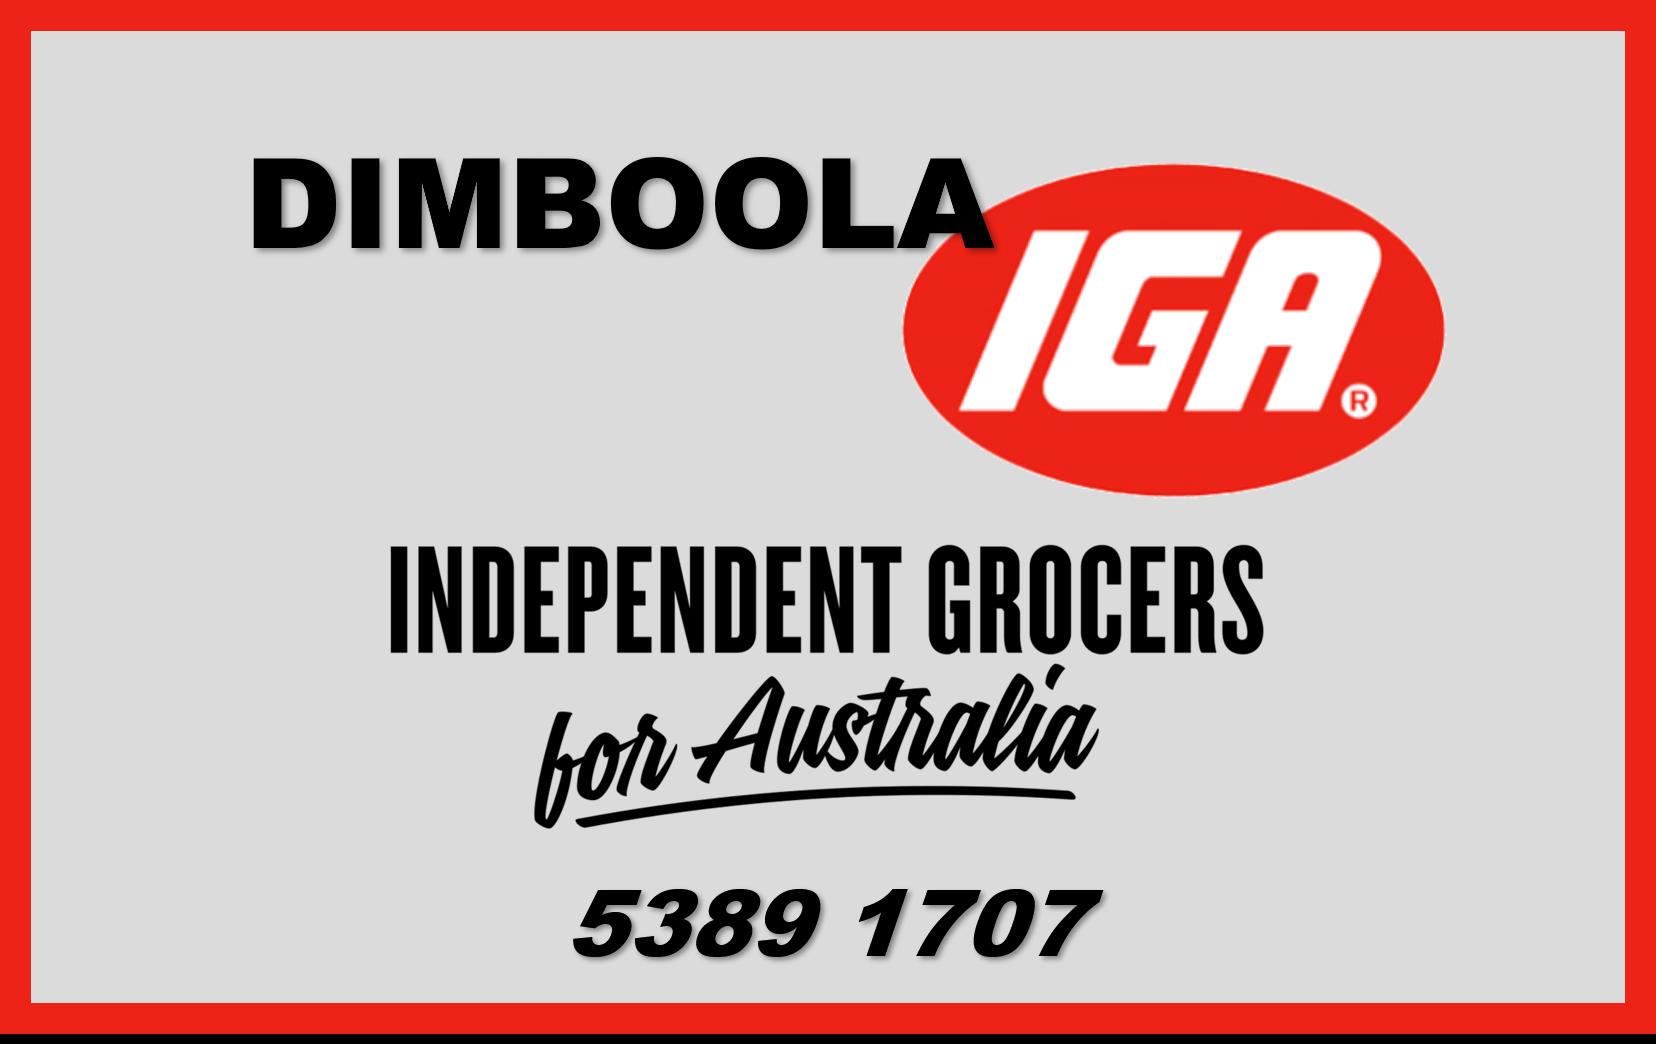 Dimboola IGA